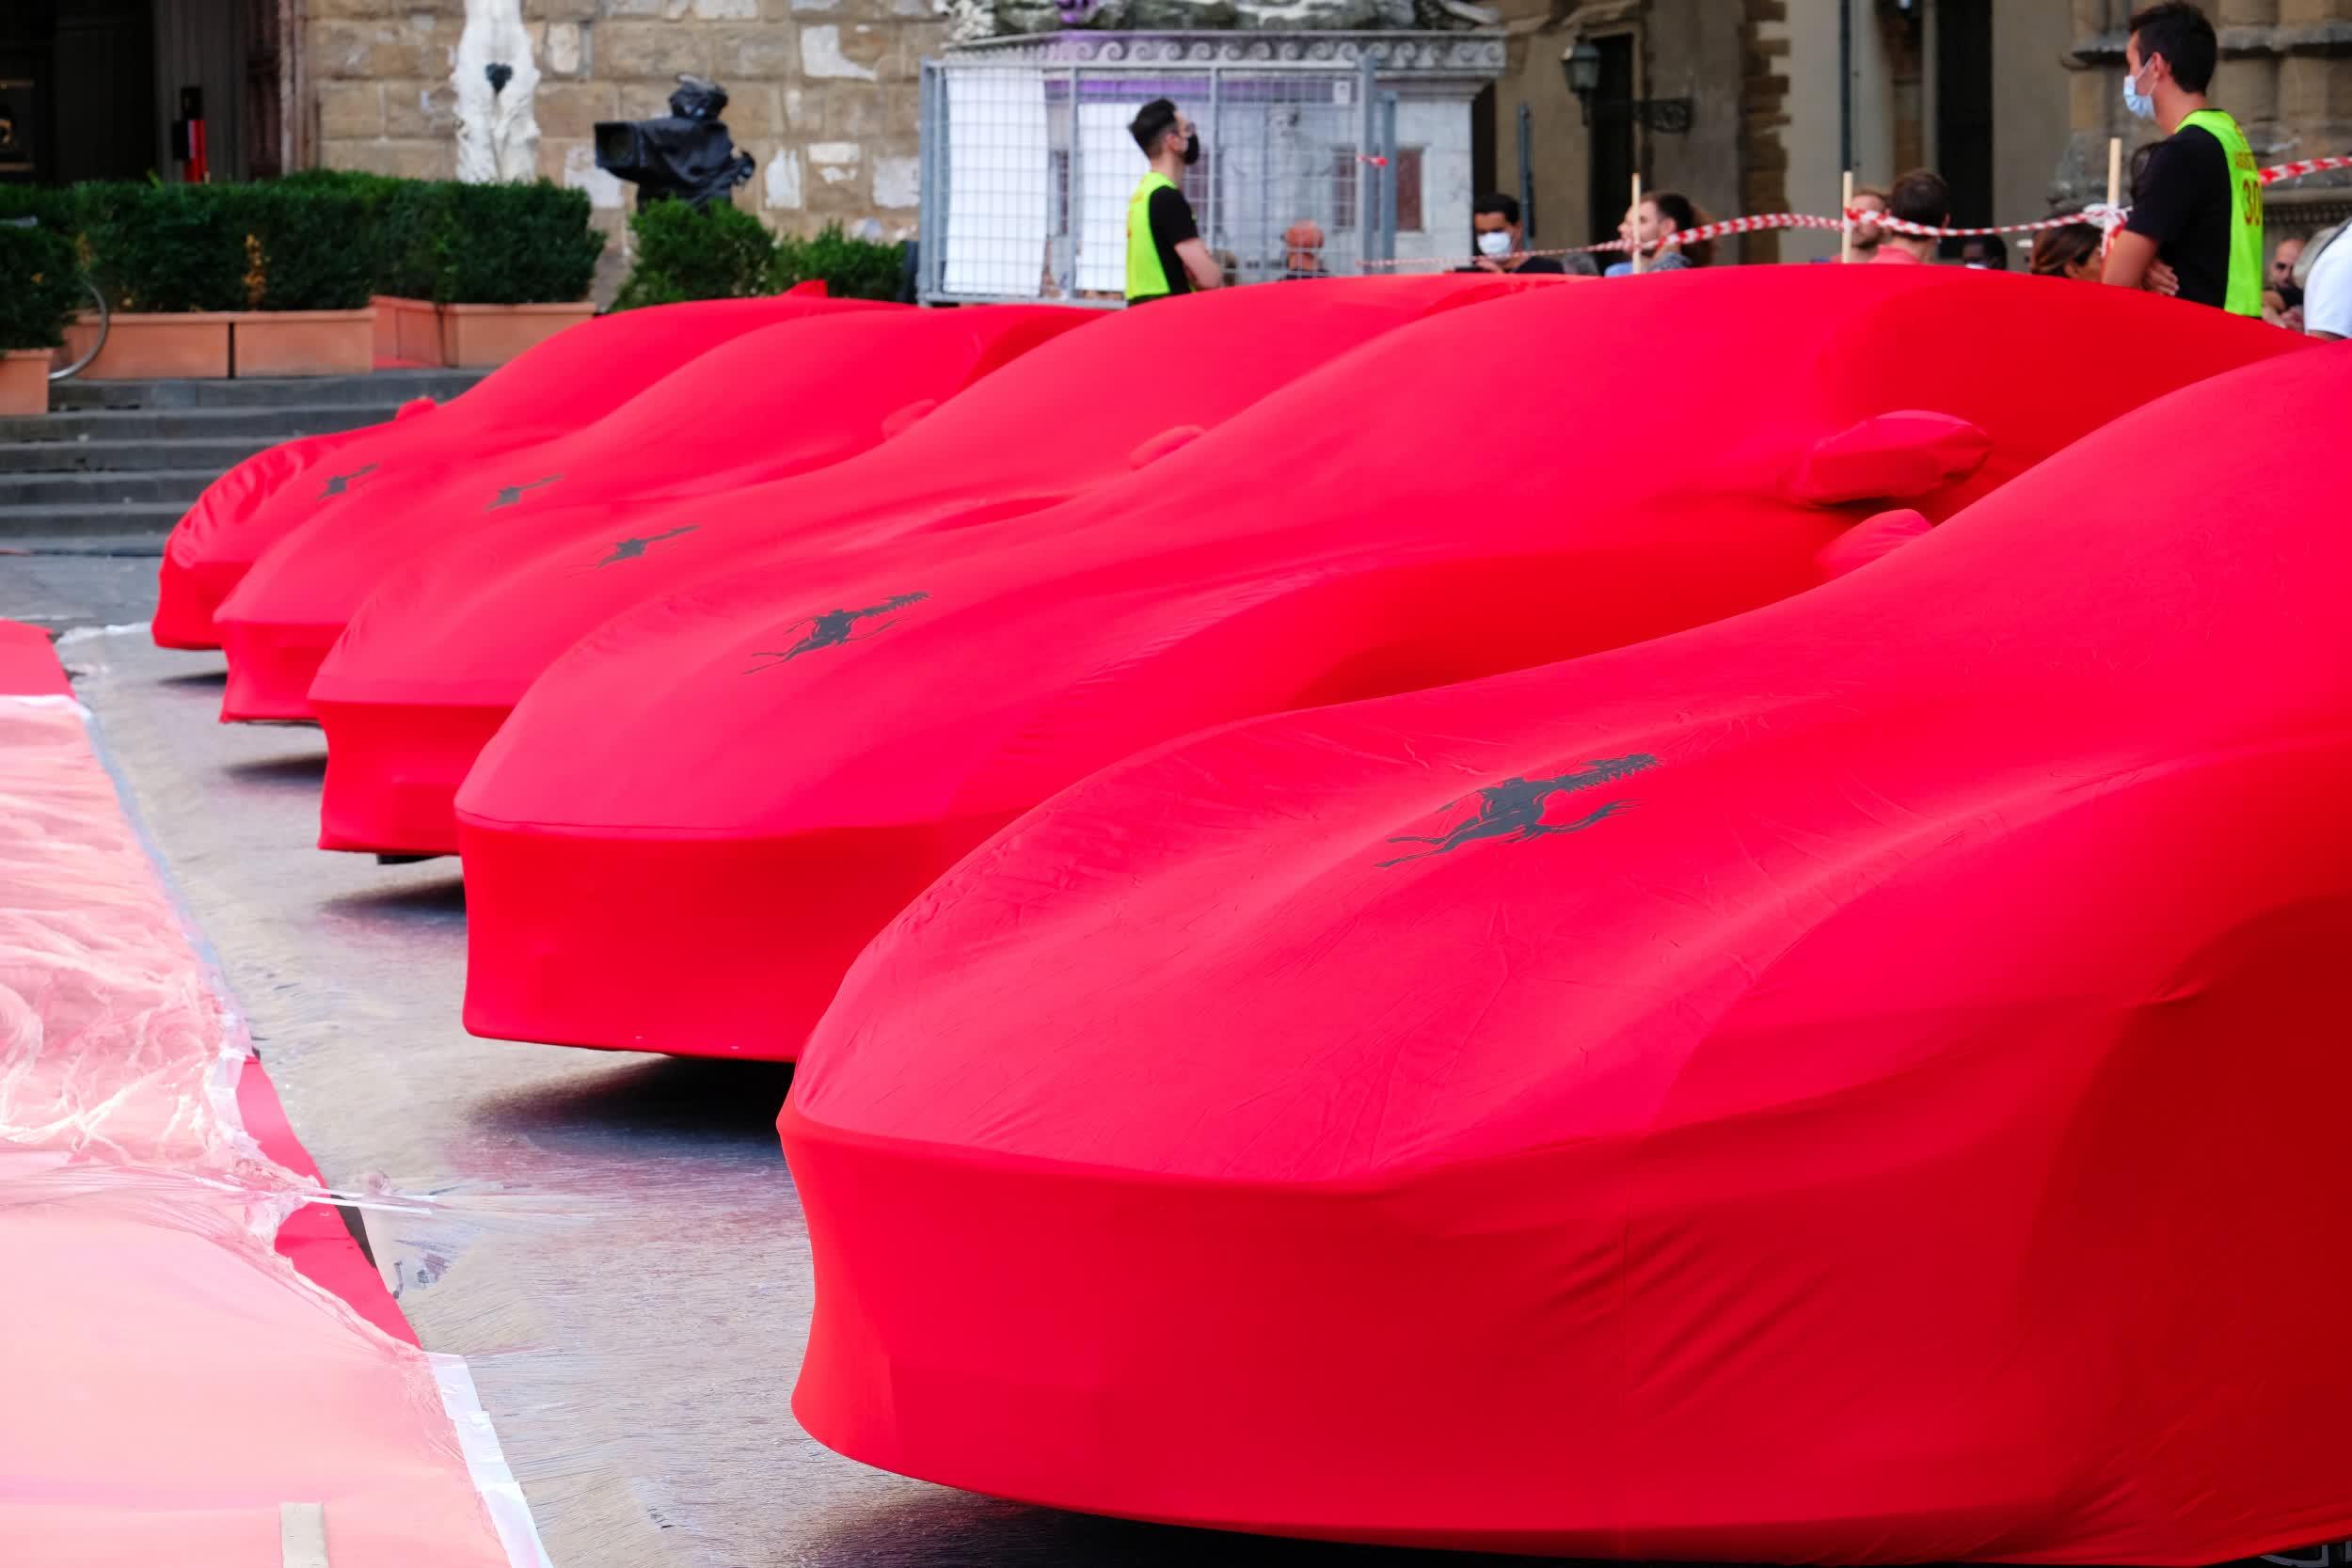 La premiere Ferrari 100 electrique sera prete dici 2025